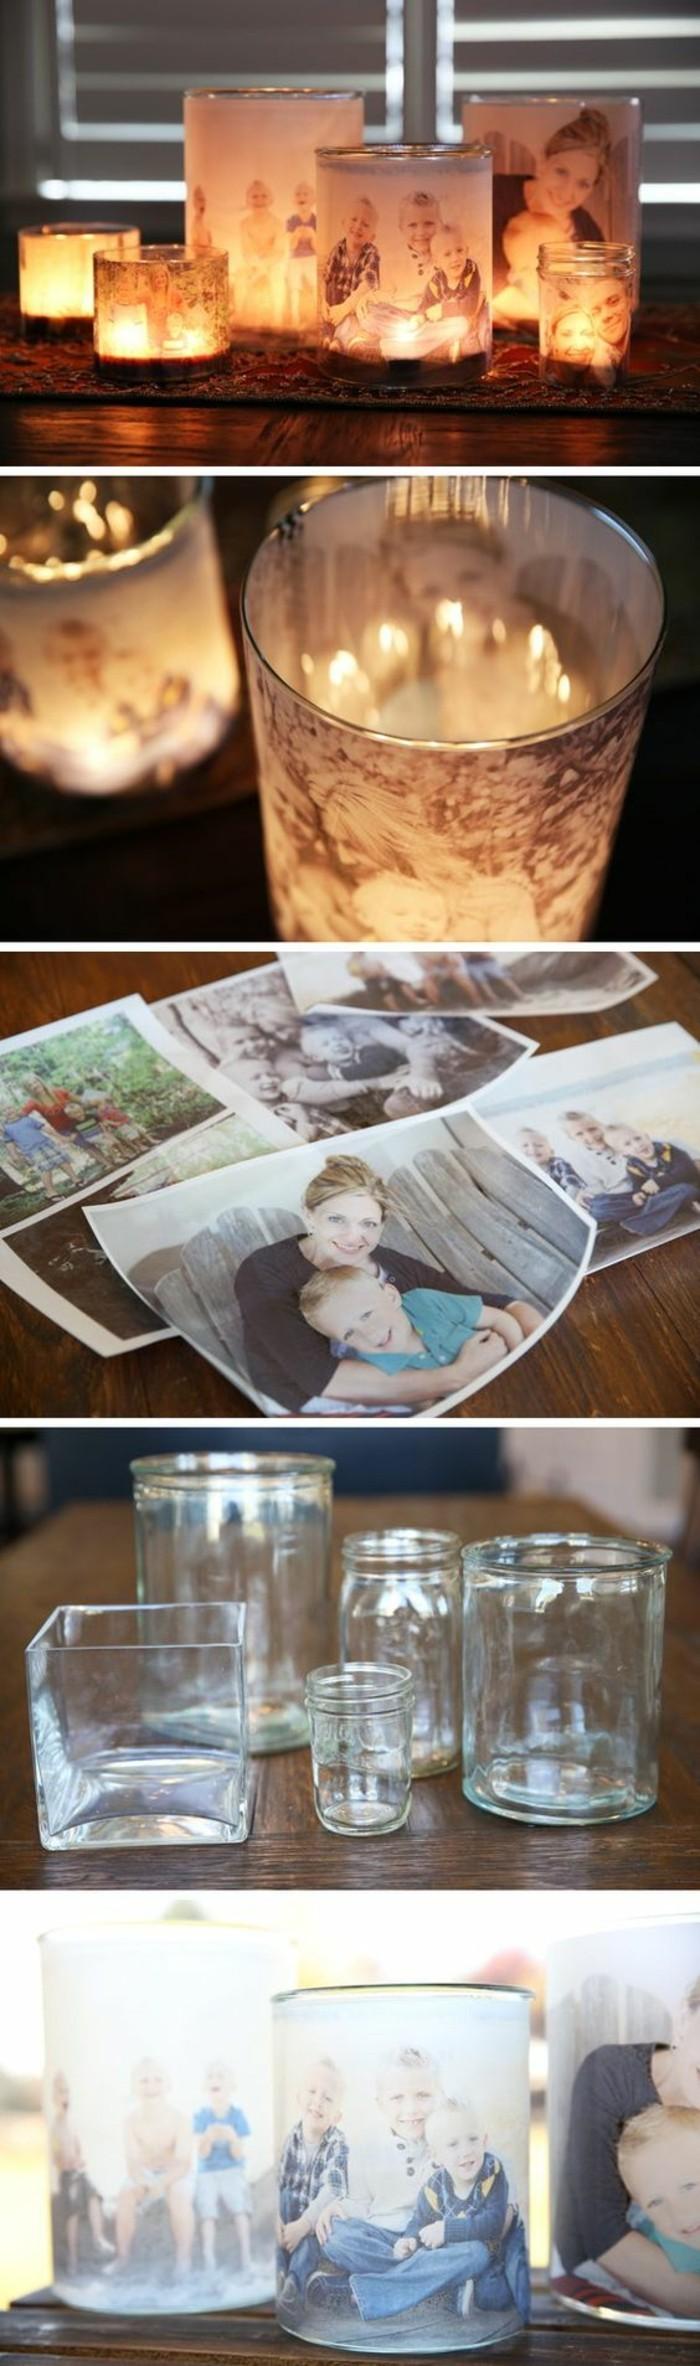 kreative-geschenkideen-geschenkidee-mutter-glaser-fotos-selber-machen